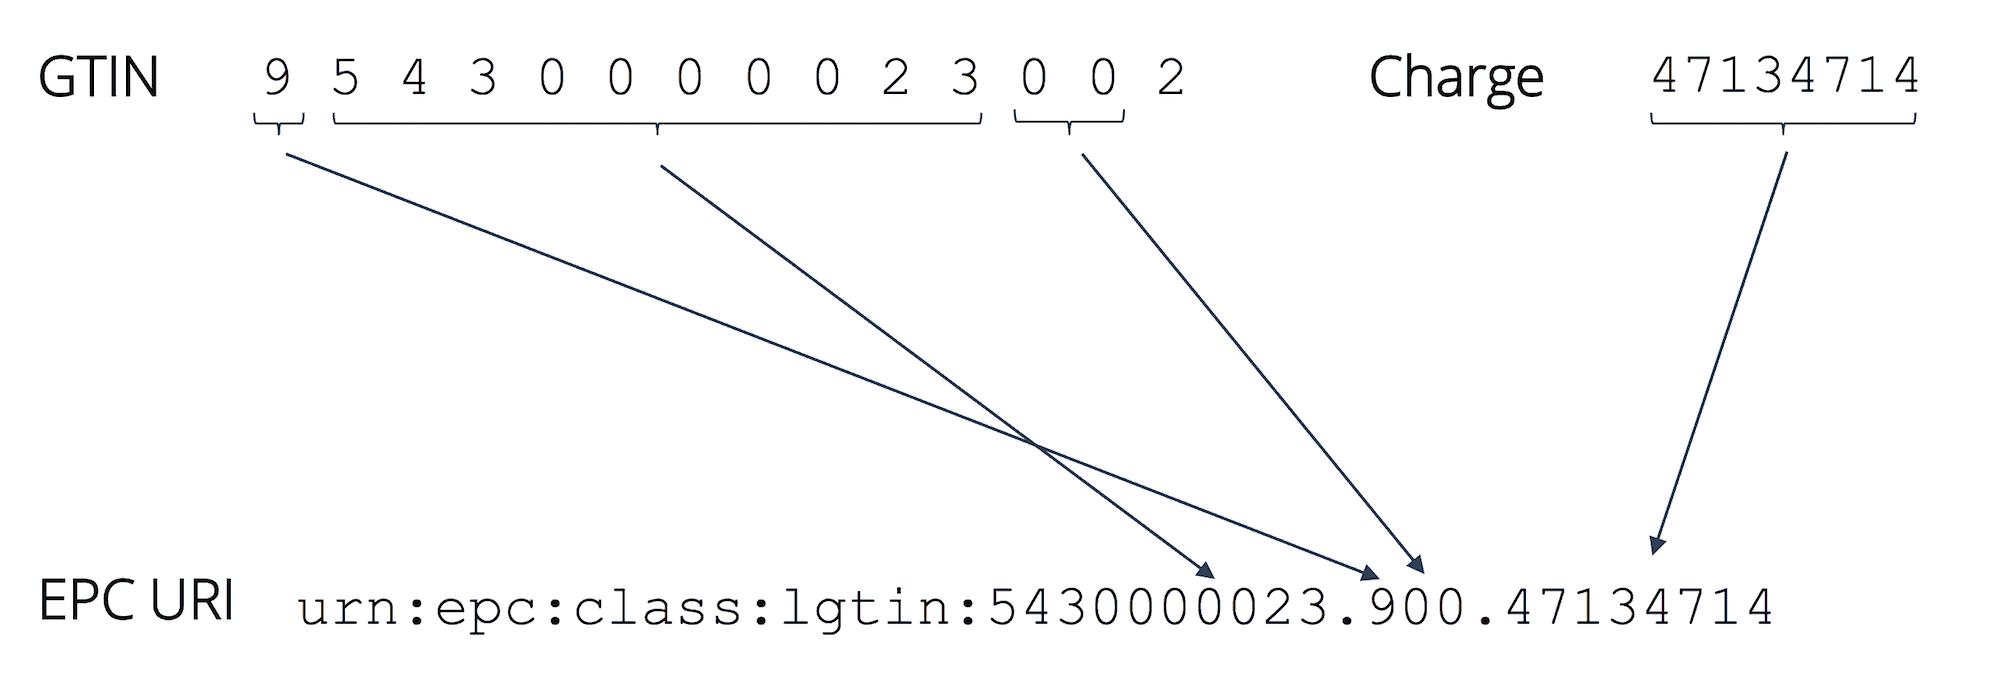 Beispiel für eine 14-stellige GTIN